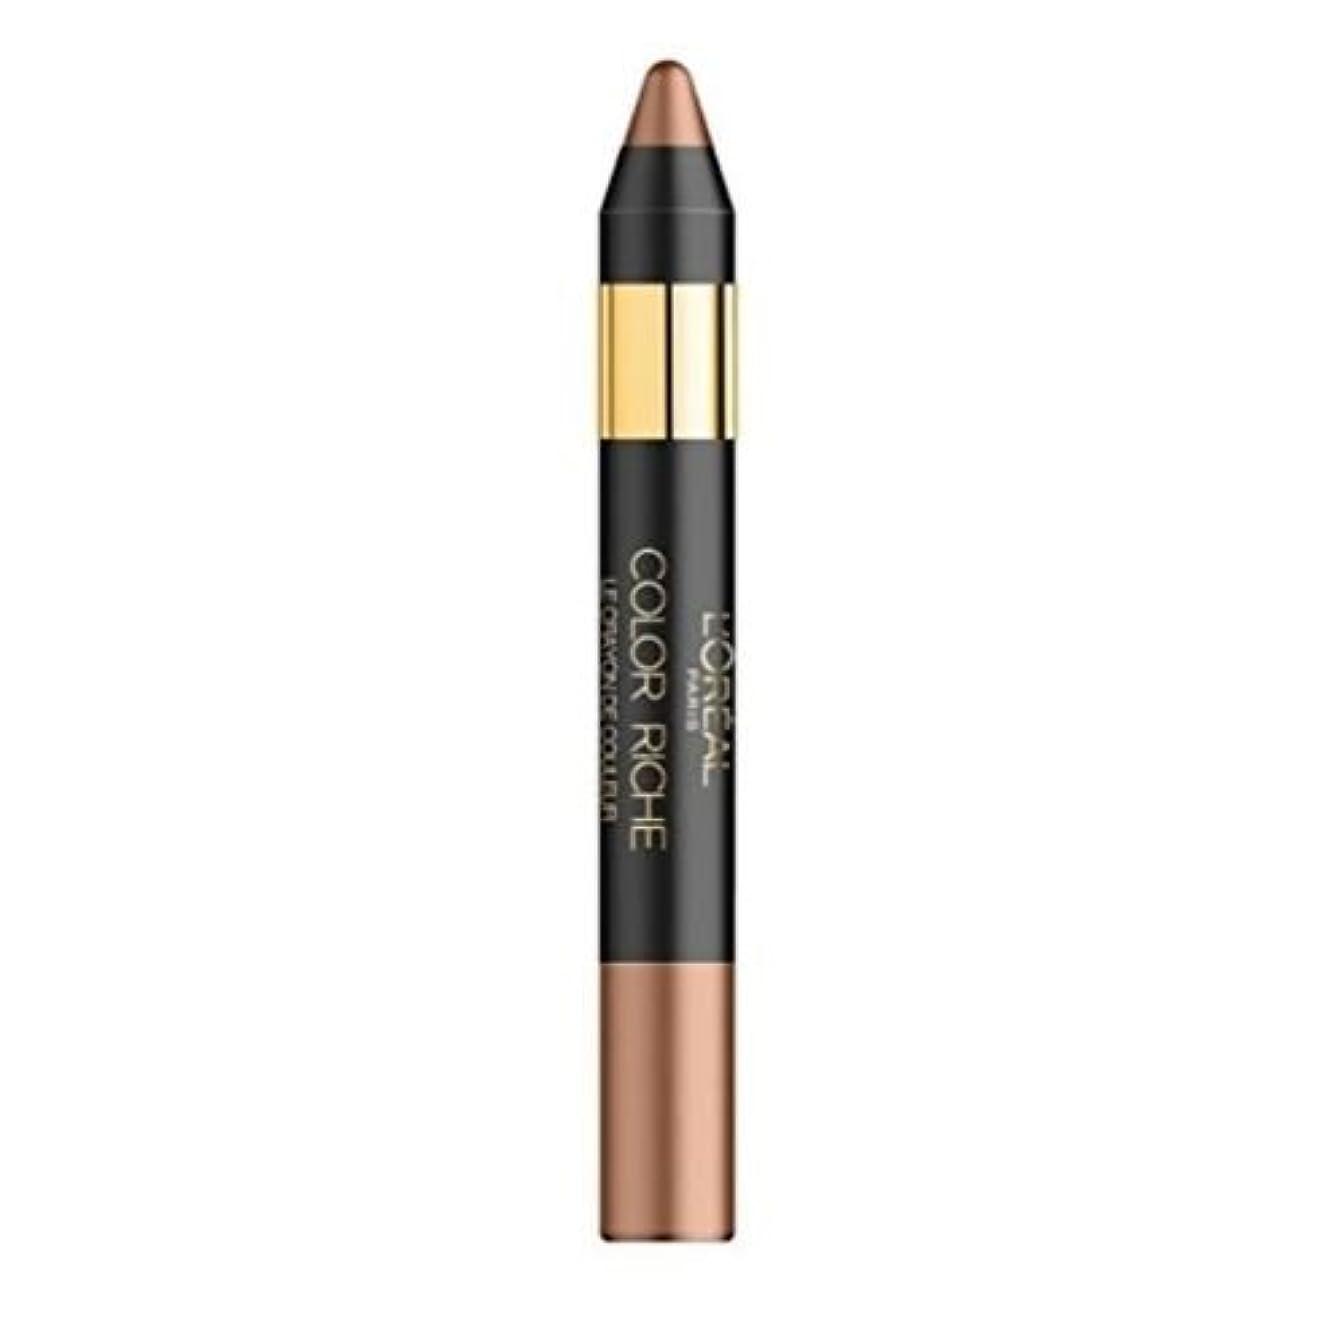 批評ディプロマ救急車Loreal Color Riche Eye Color Eyeliner Shadow Pencil Smoky Taupe 03